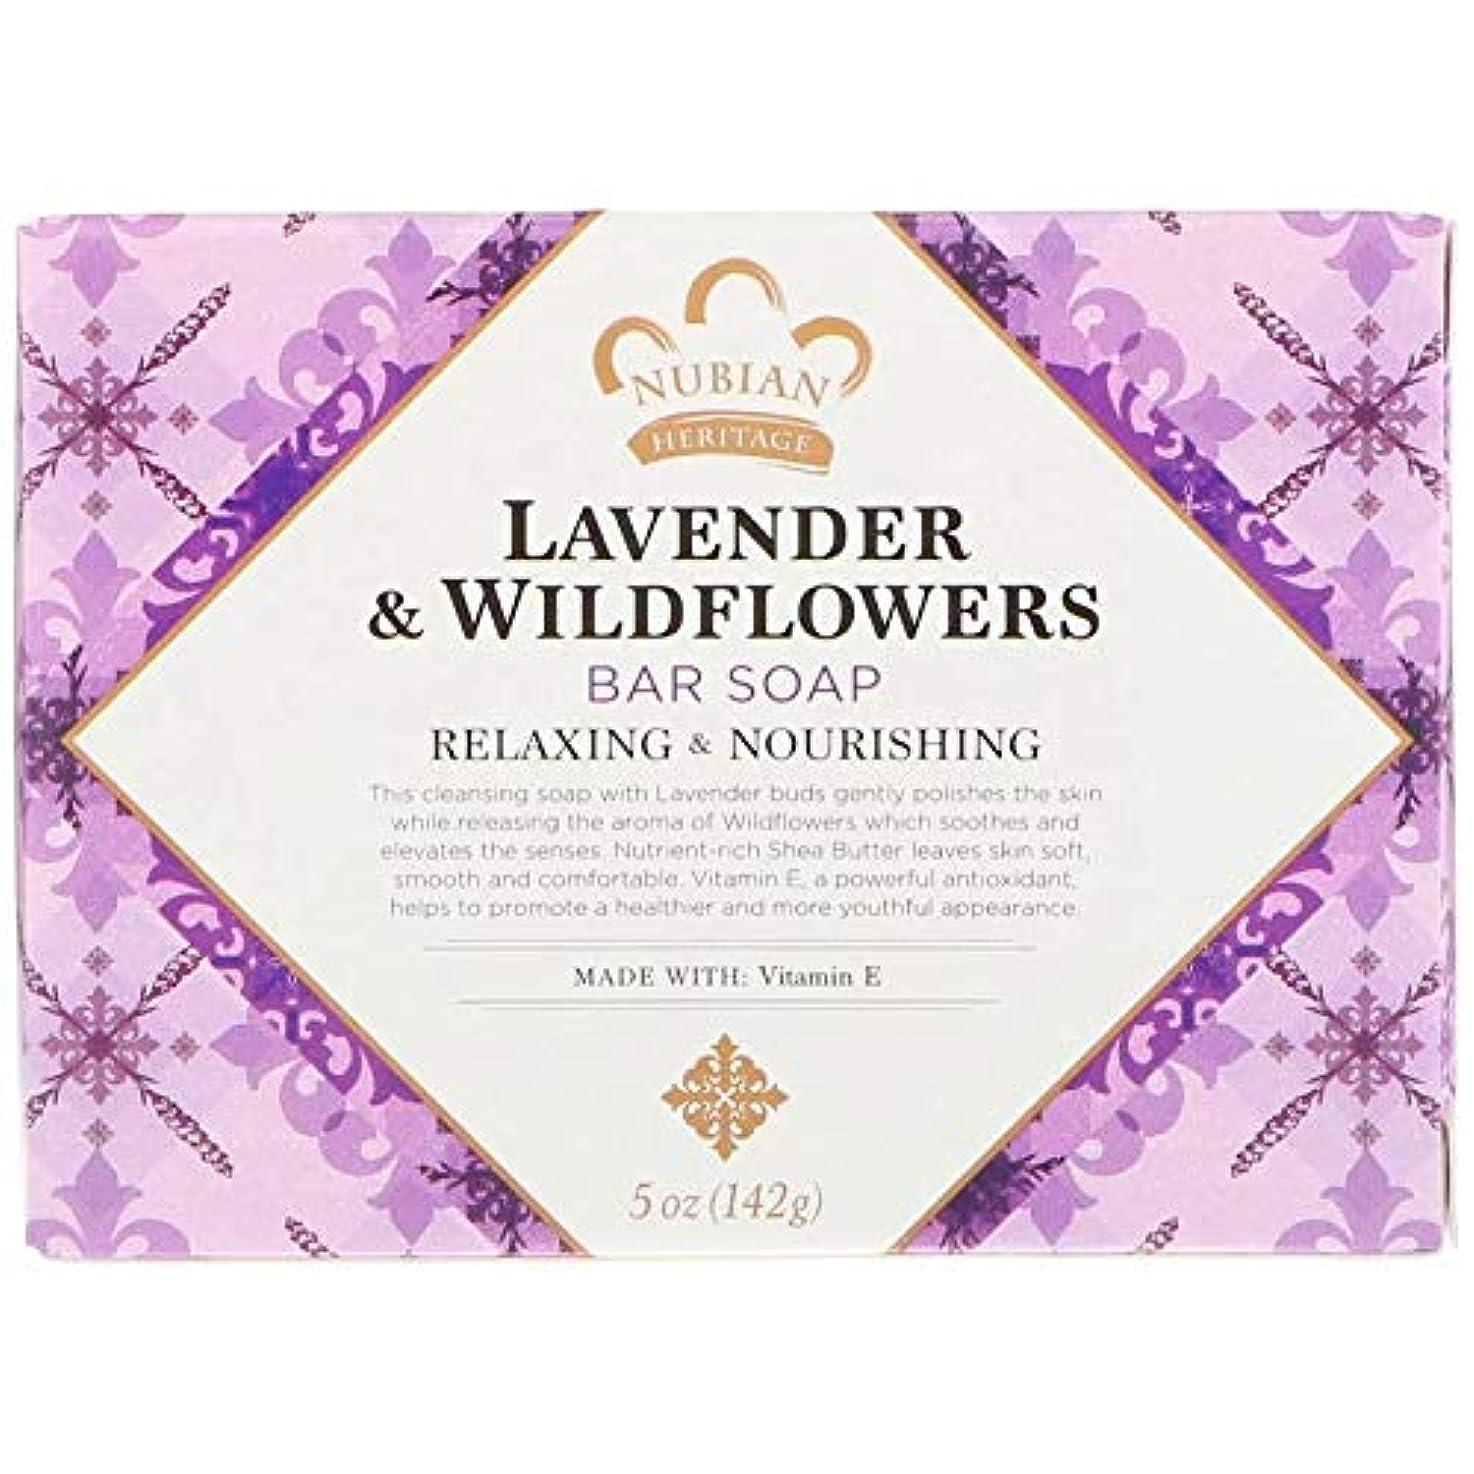 きゅうり盲目抽象化シアバターソープ石鹸 ラベンダー&ワイルドフラワー Lavender & Wildflowers Bar Soap, 5 oz (142 g) [並行輸入品]